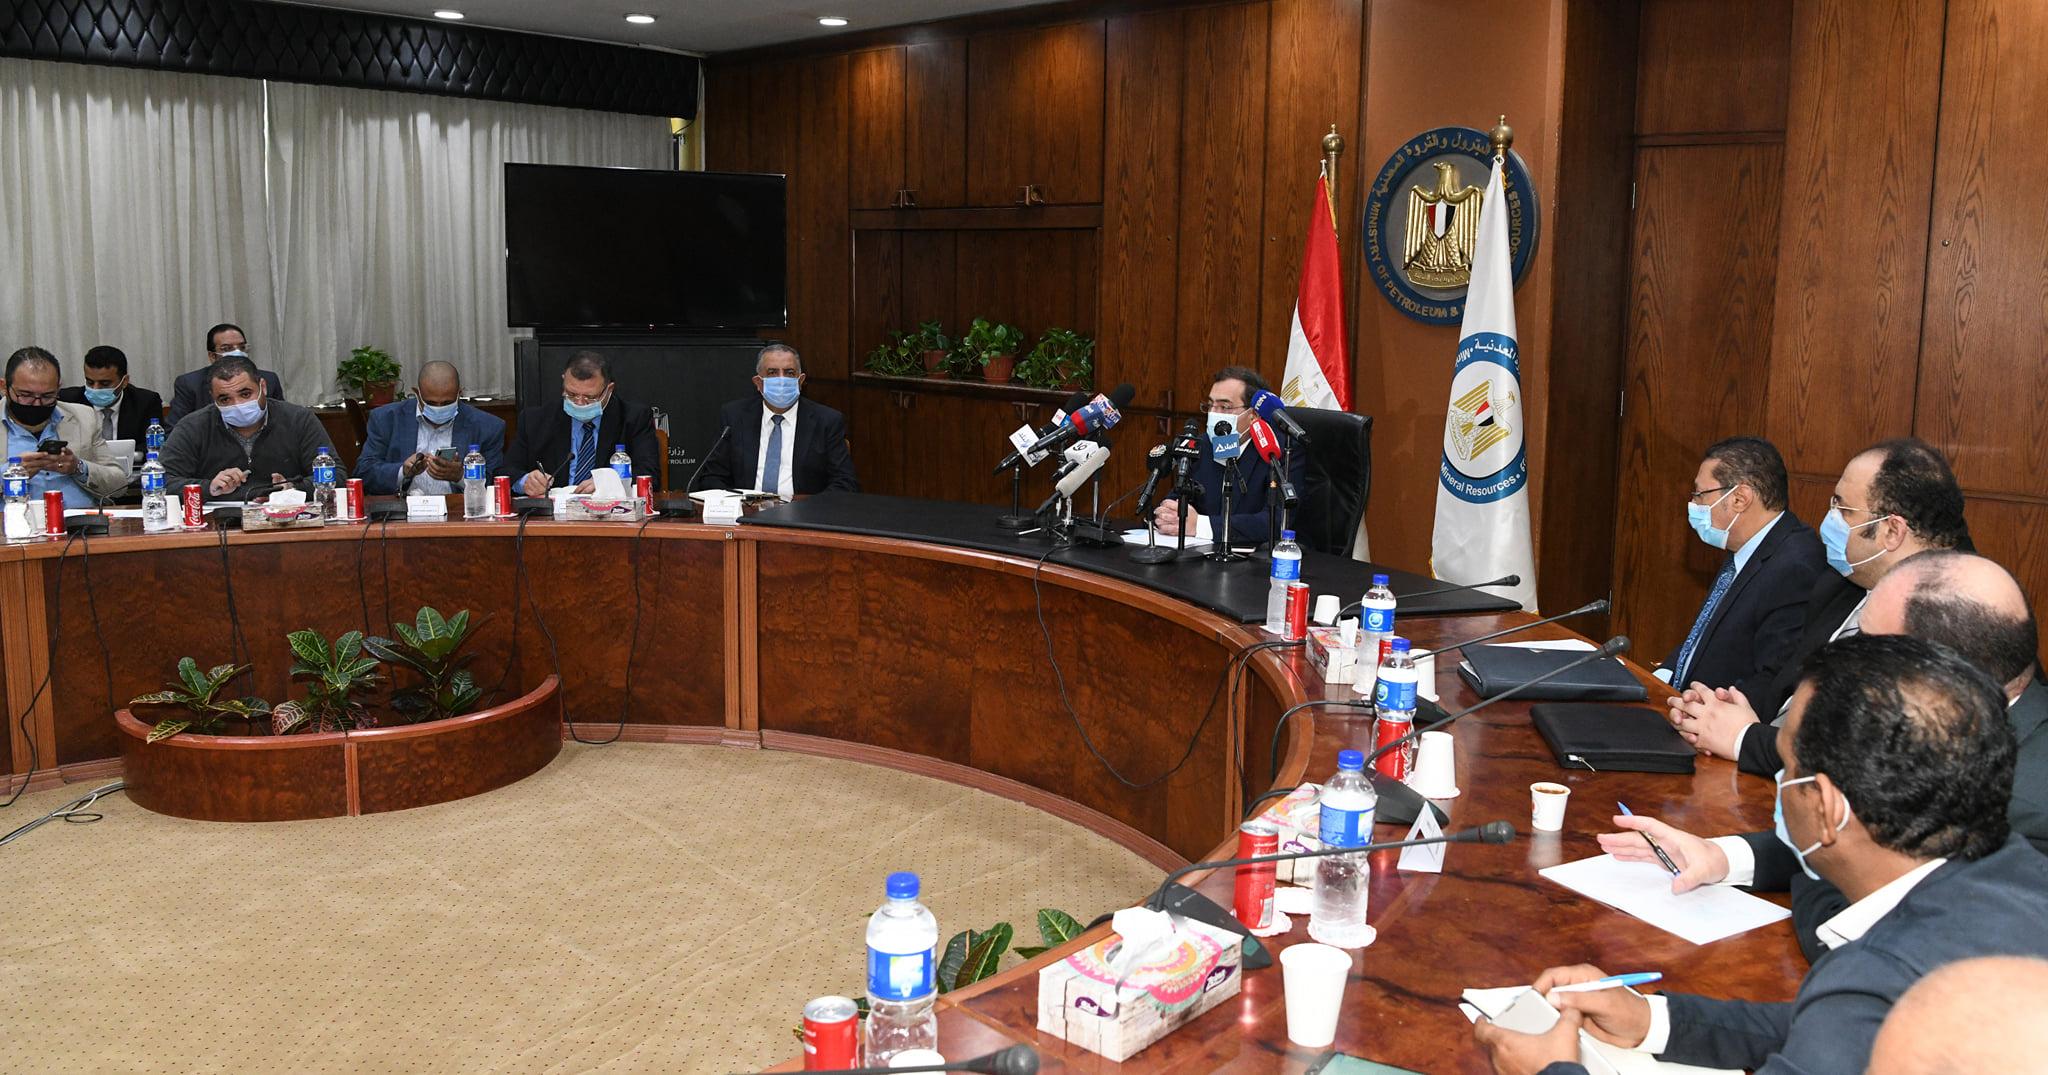 المهندس طارق الملا وزير البترول والثروة المعدنية  فوز 11 شركة عالمية ومصرية بـ82 منطقة للبحث عن الذهب في مصر ضمن أكبر مزايدة عالمية